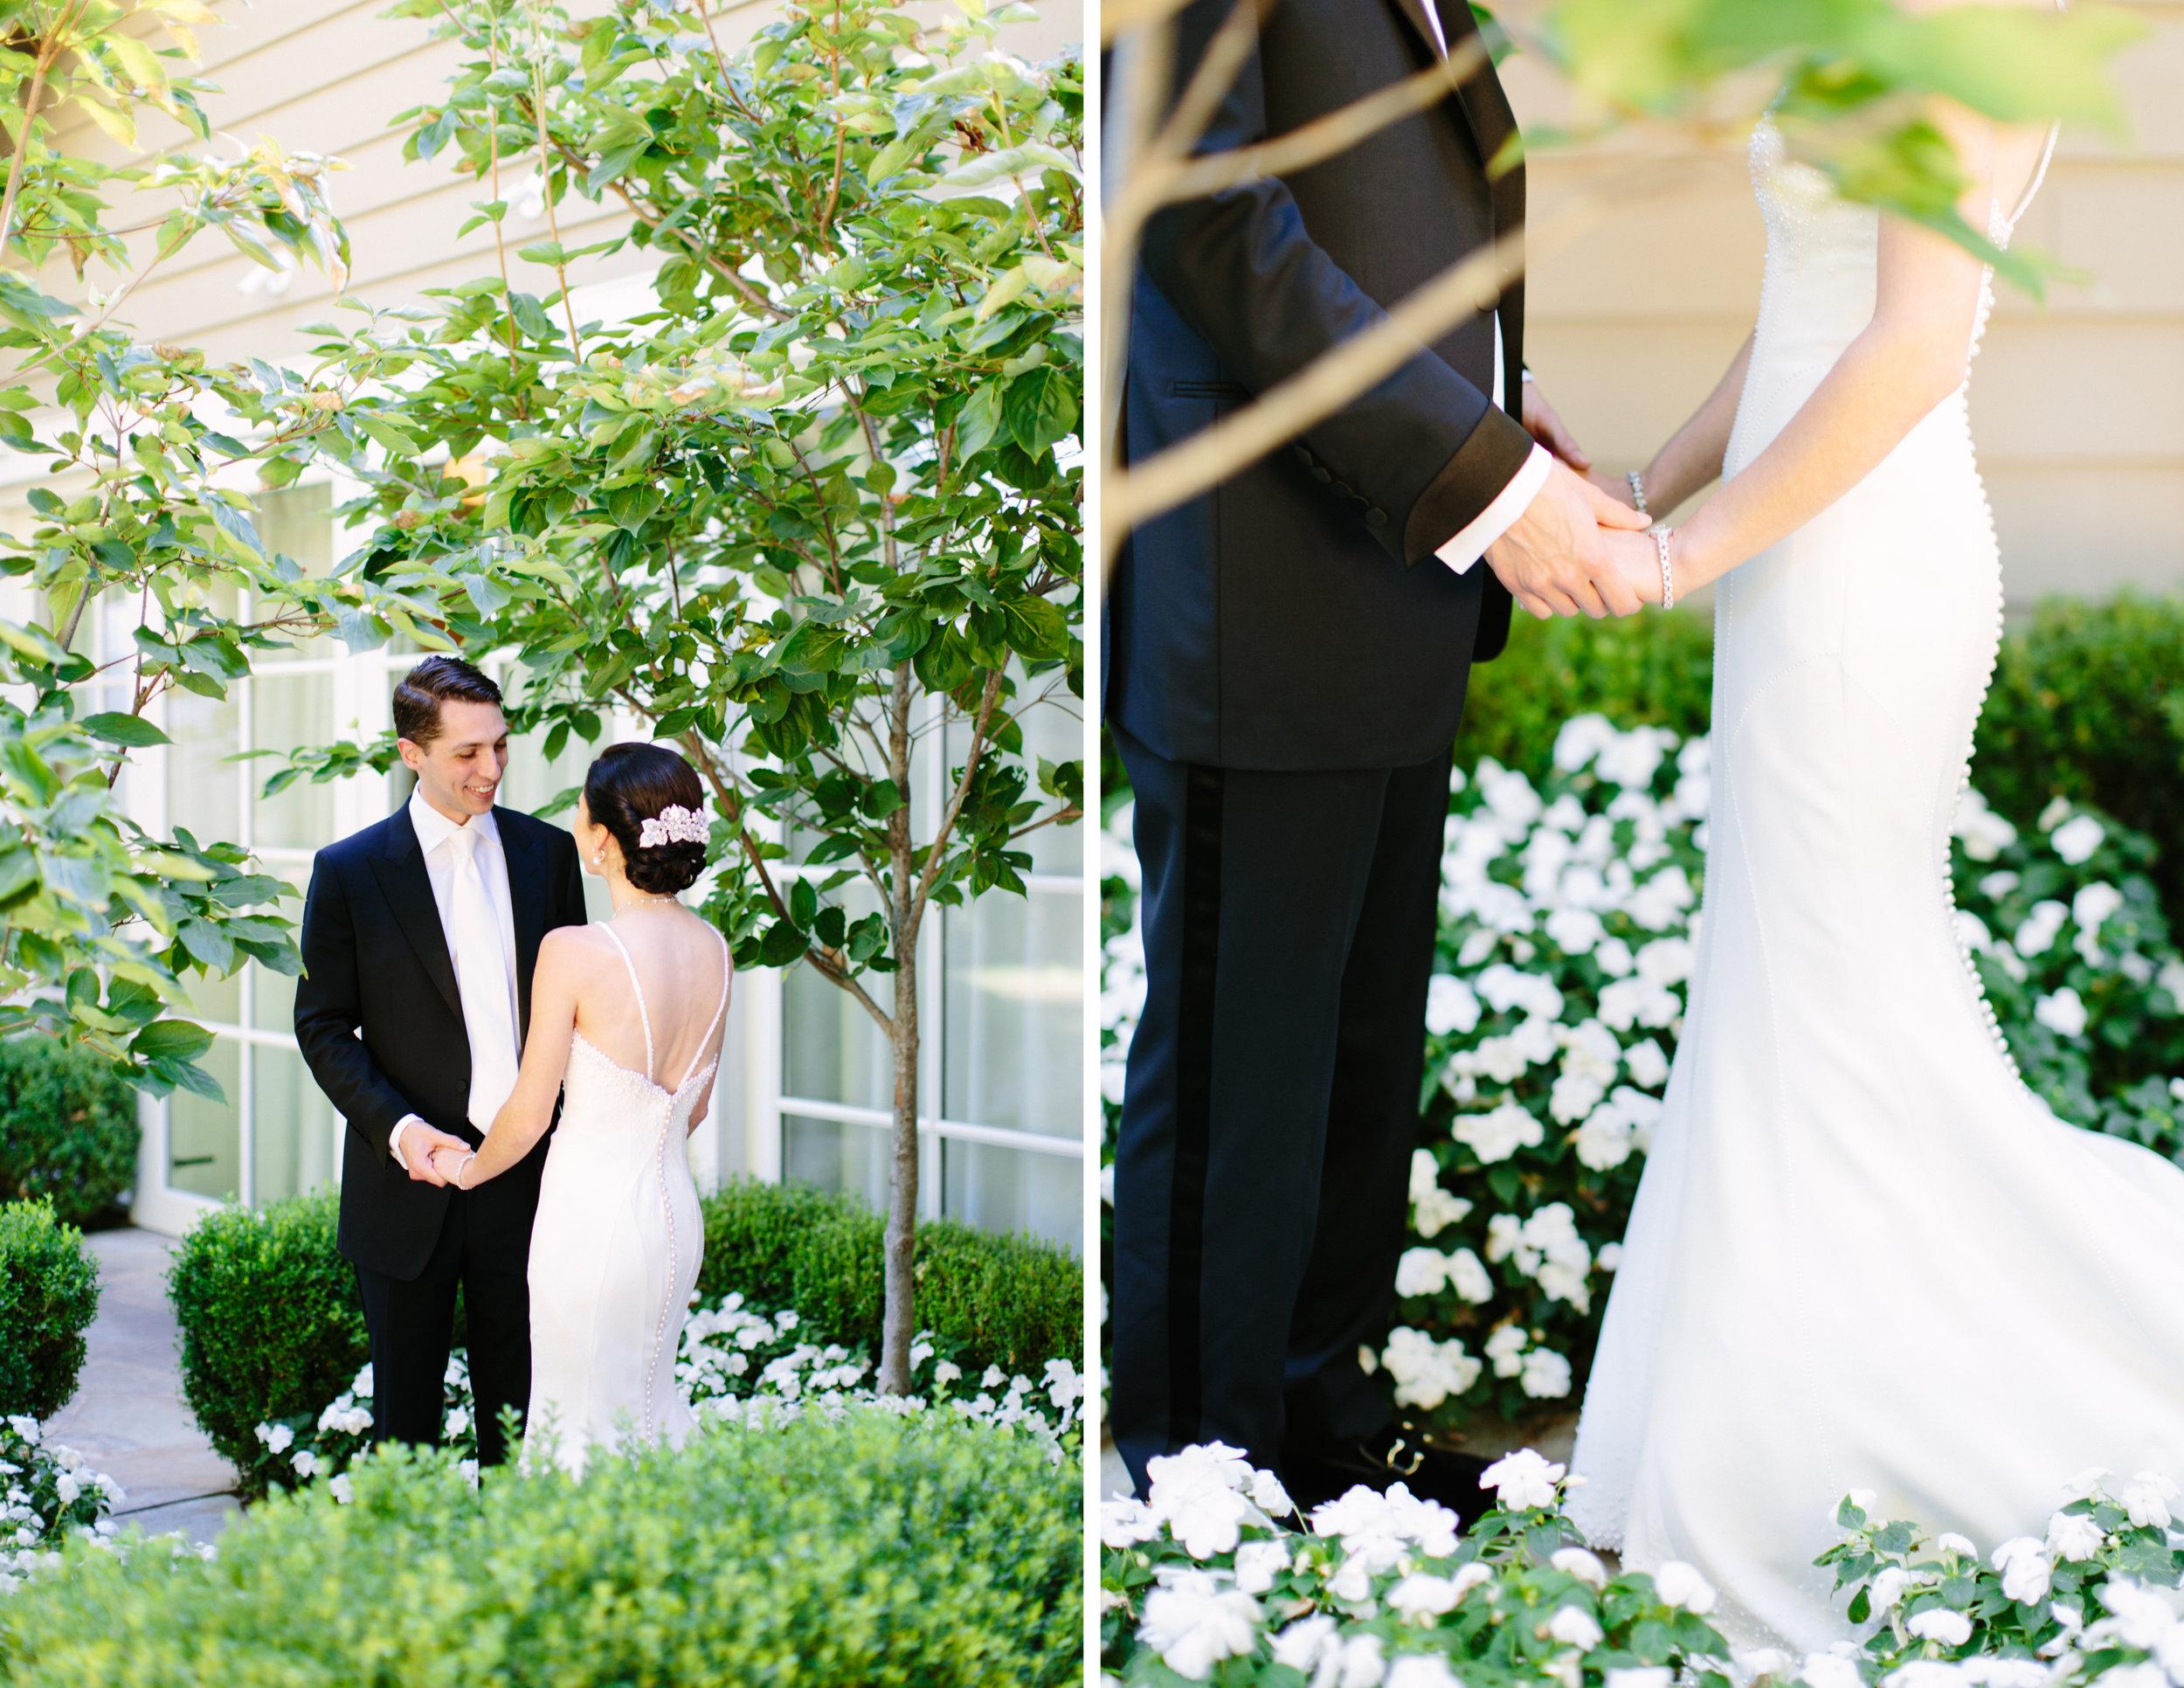 meadowood wedding 4.jpg